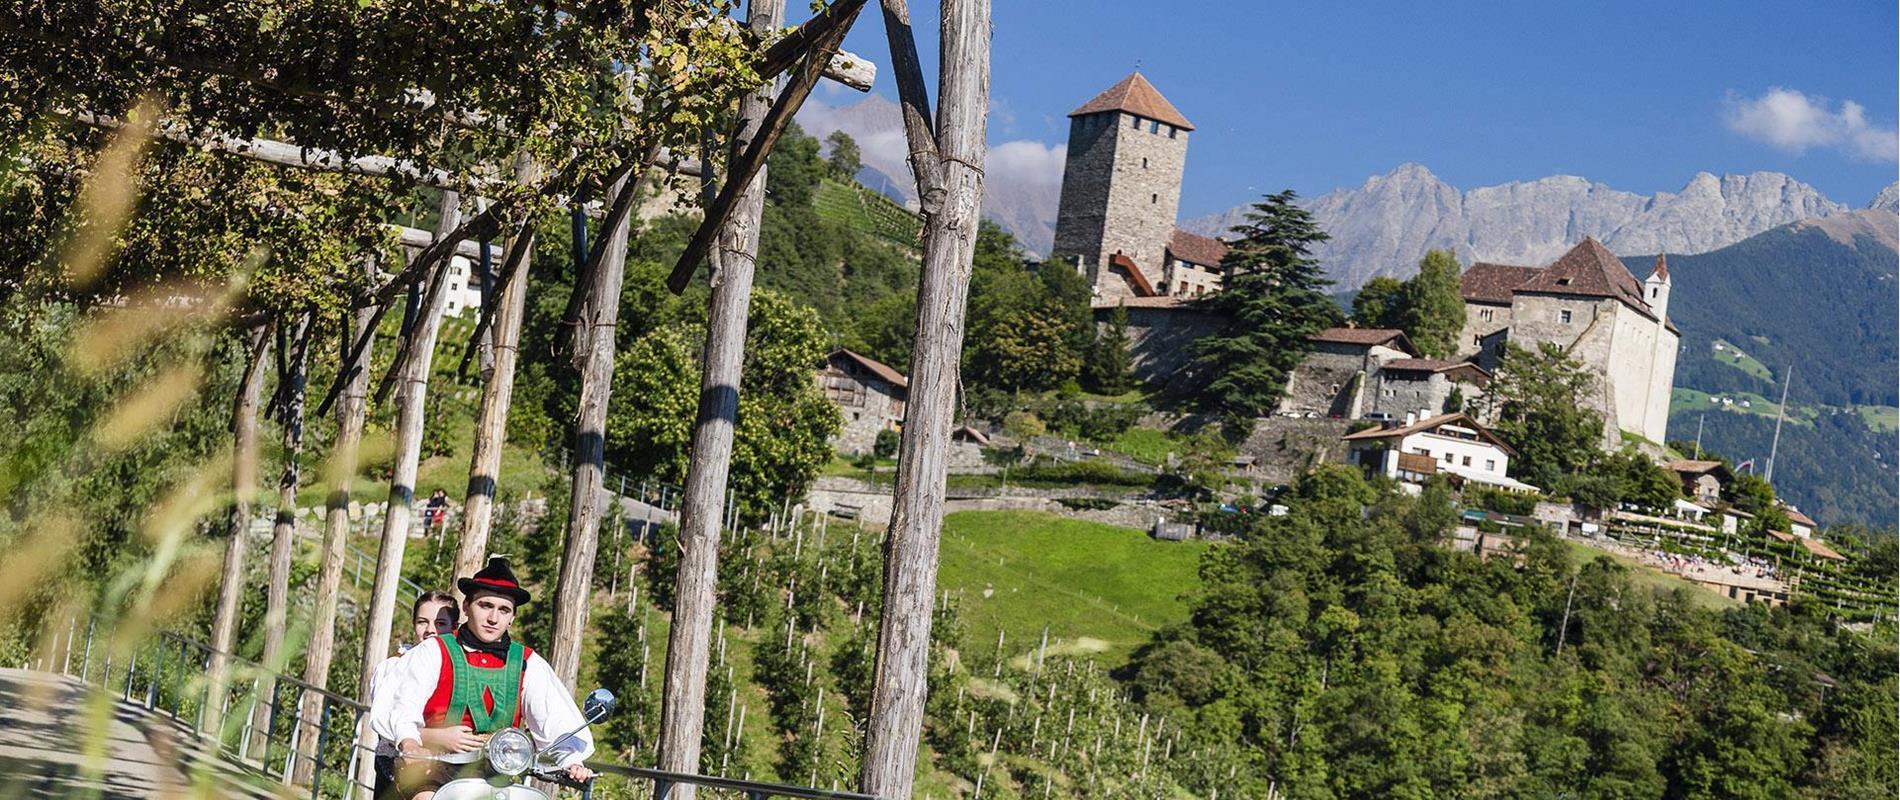 Wetter Dorf Tirol Südtirol 16 Tage